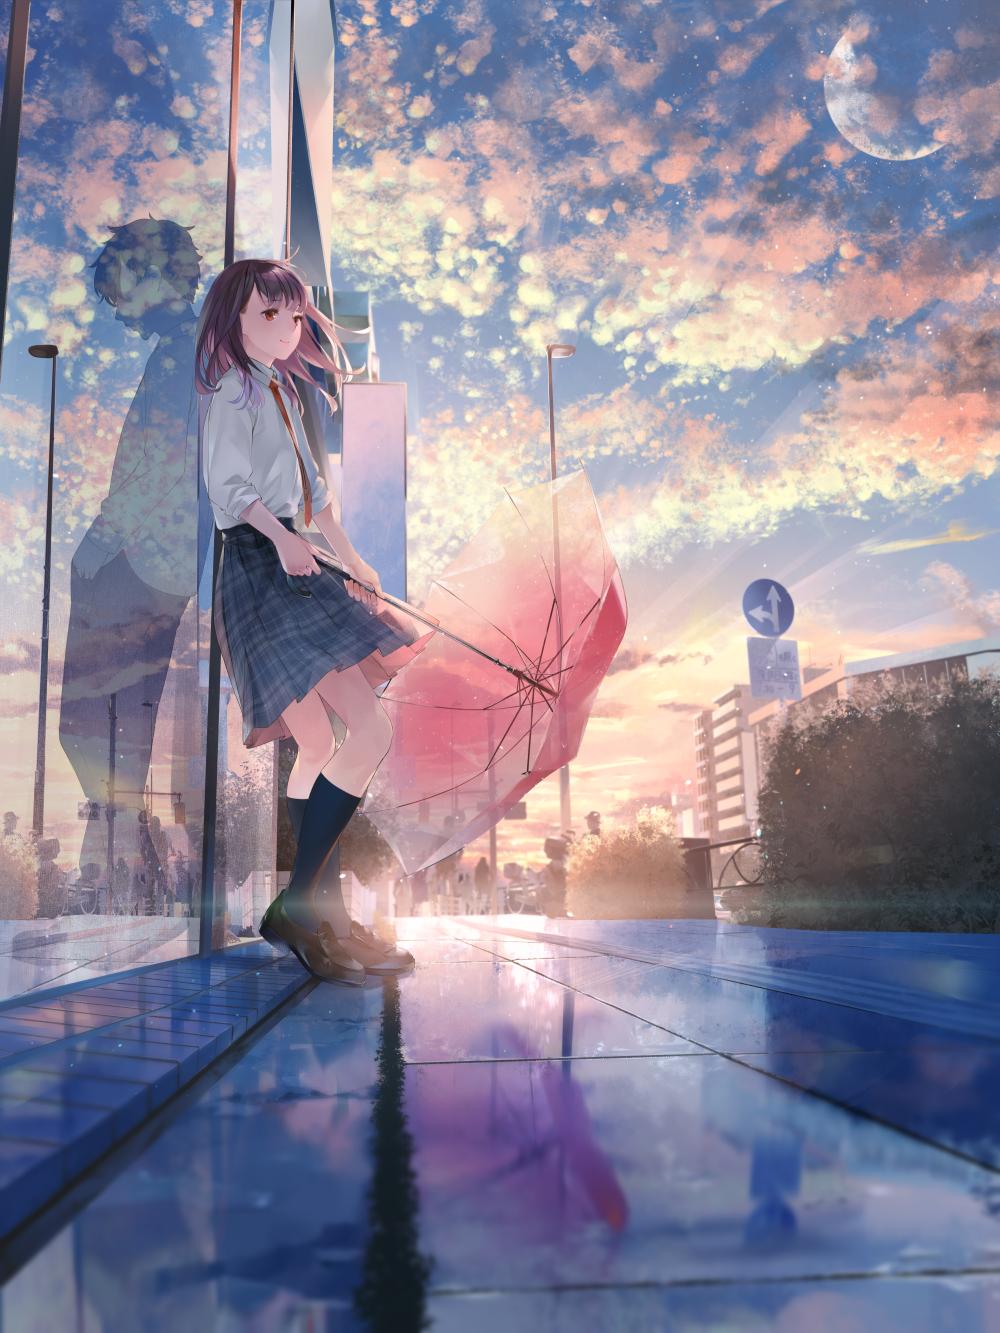 After Rain Original Seni Perkotaan Anime Neko Latar Belakang Animasi